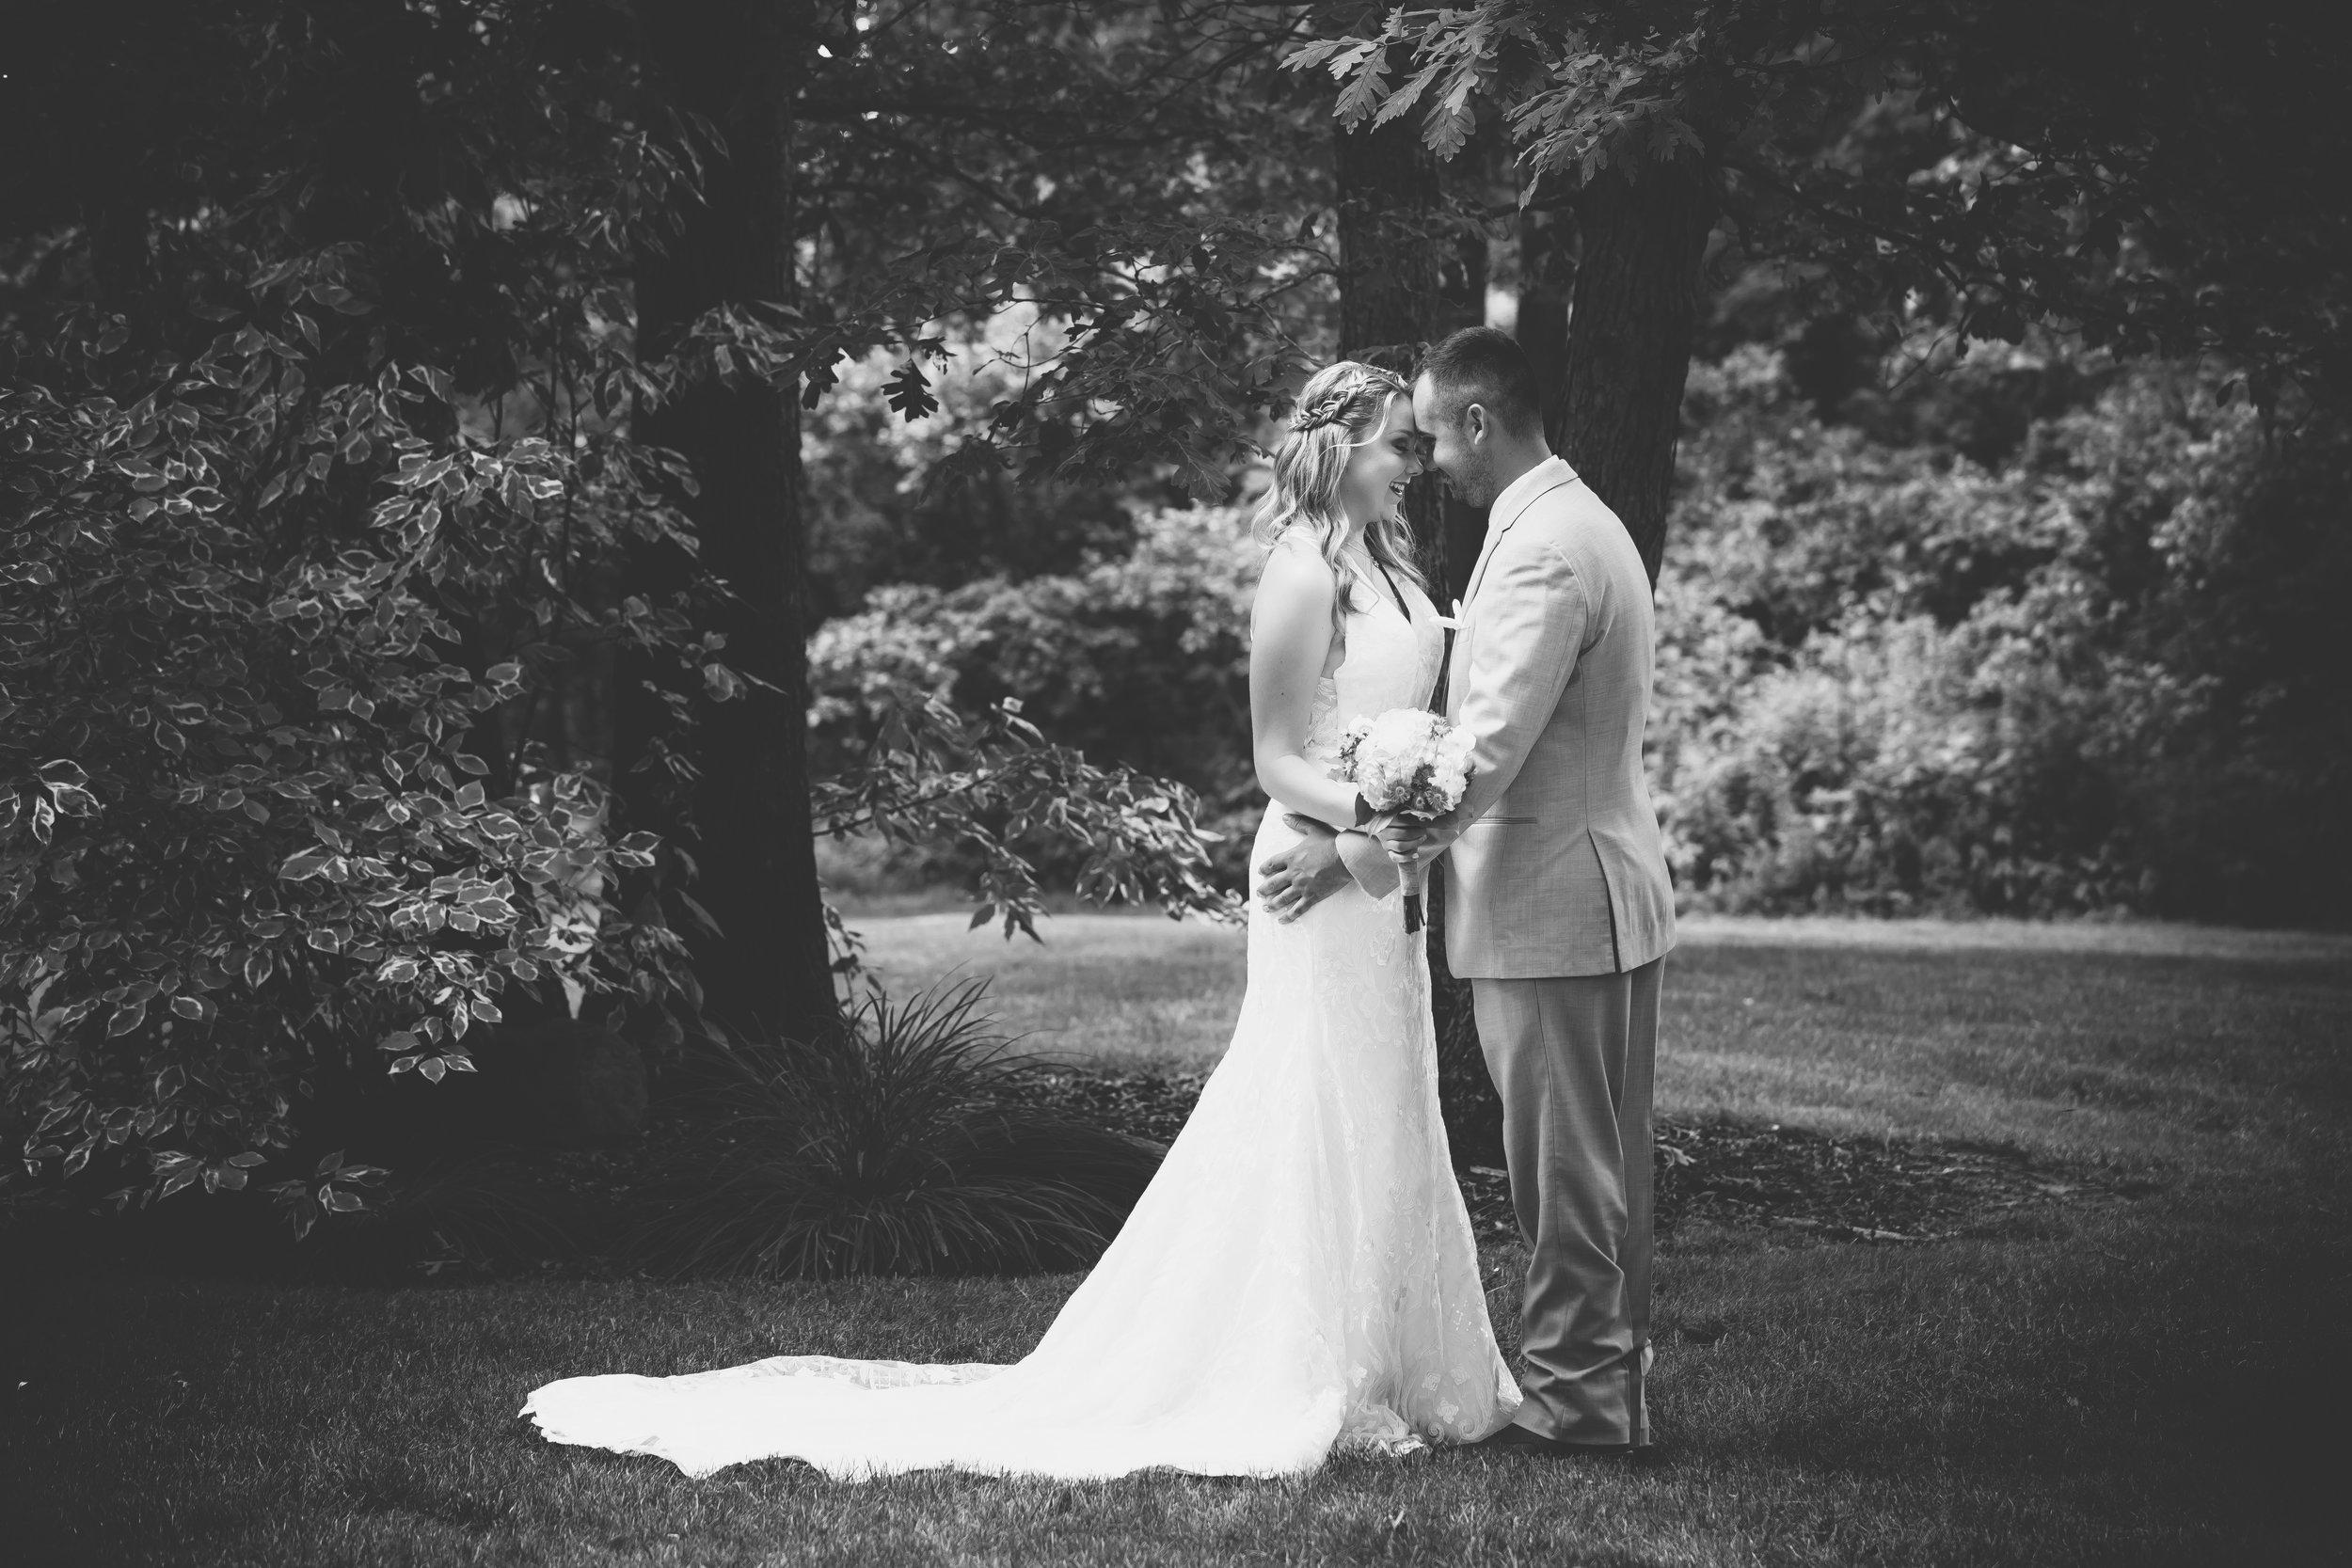 Mr. & Mrs. Suchocki - July 5, 2019